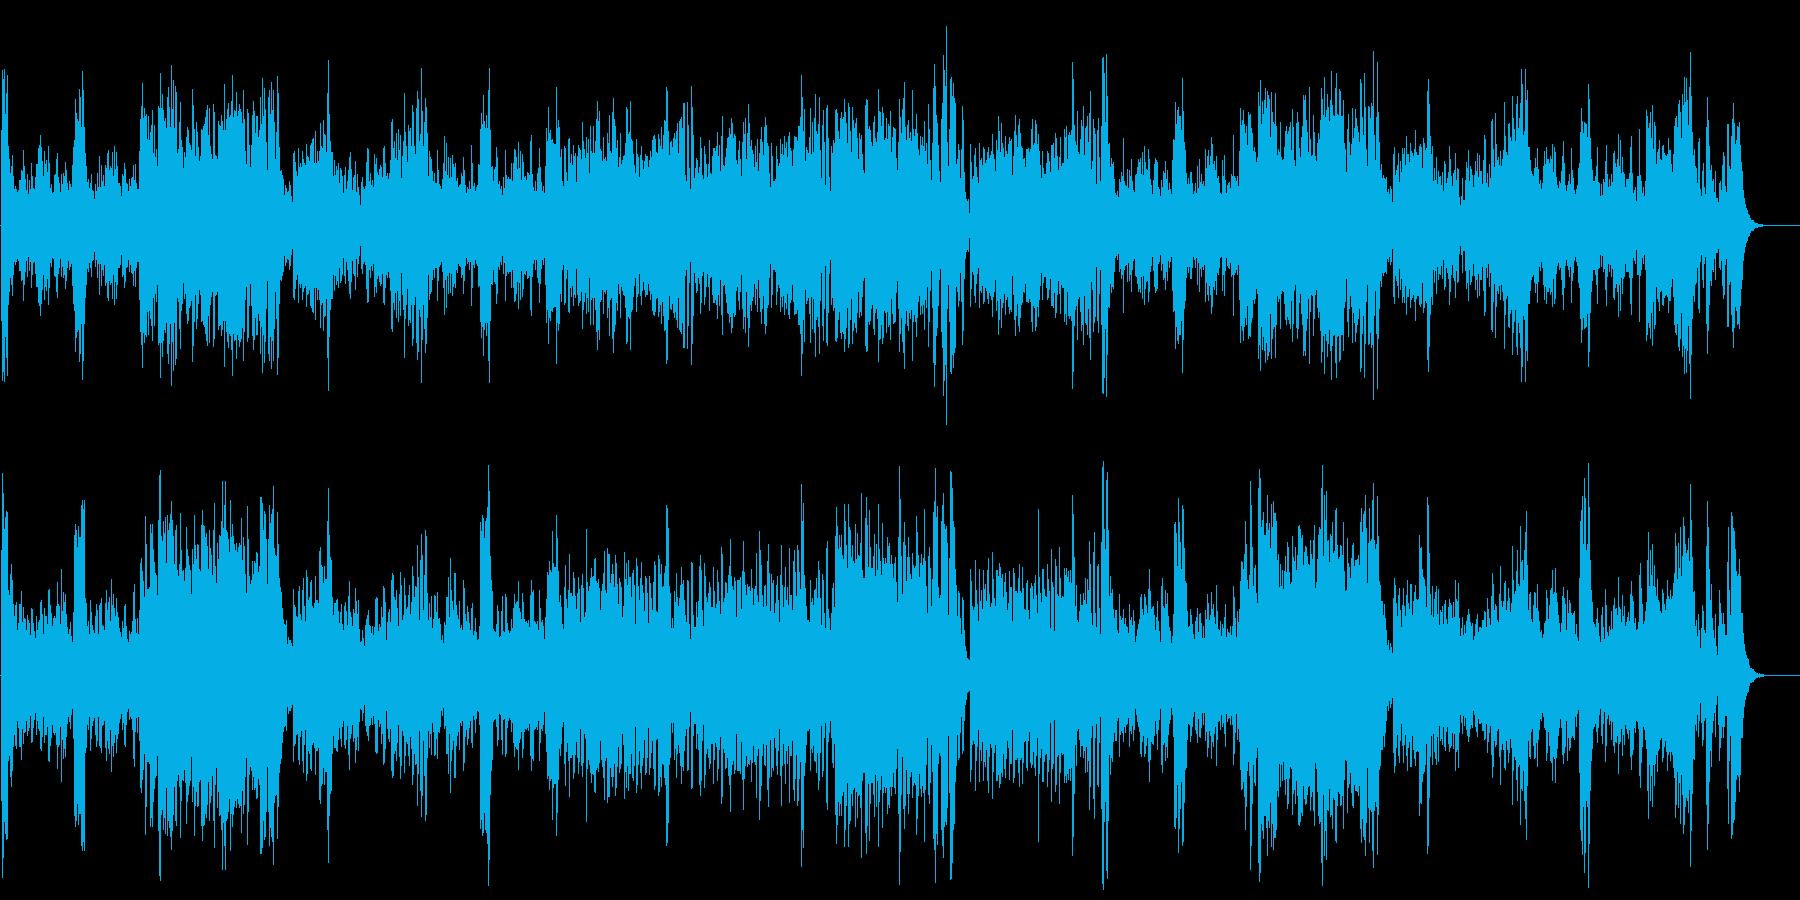 運動会で定番のにぎやかなクラシック曲の再生済みの波形